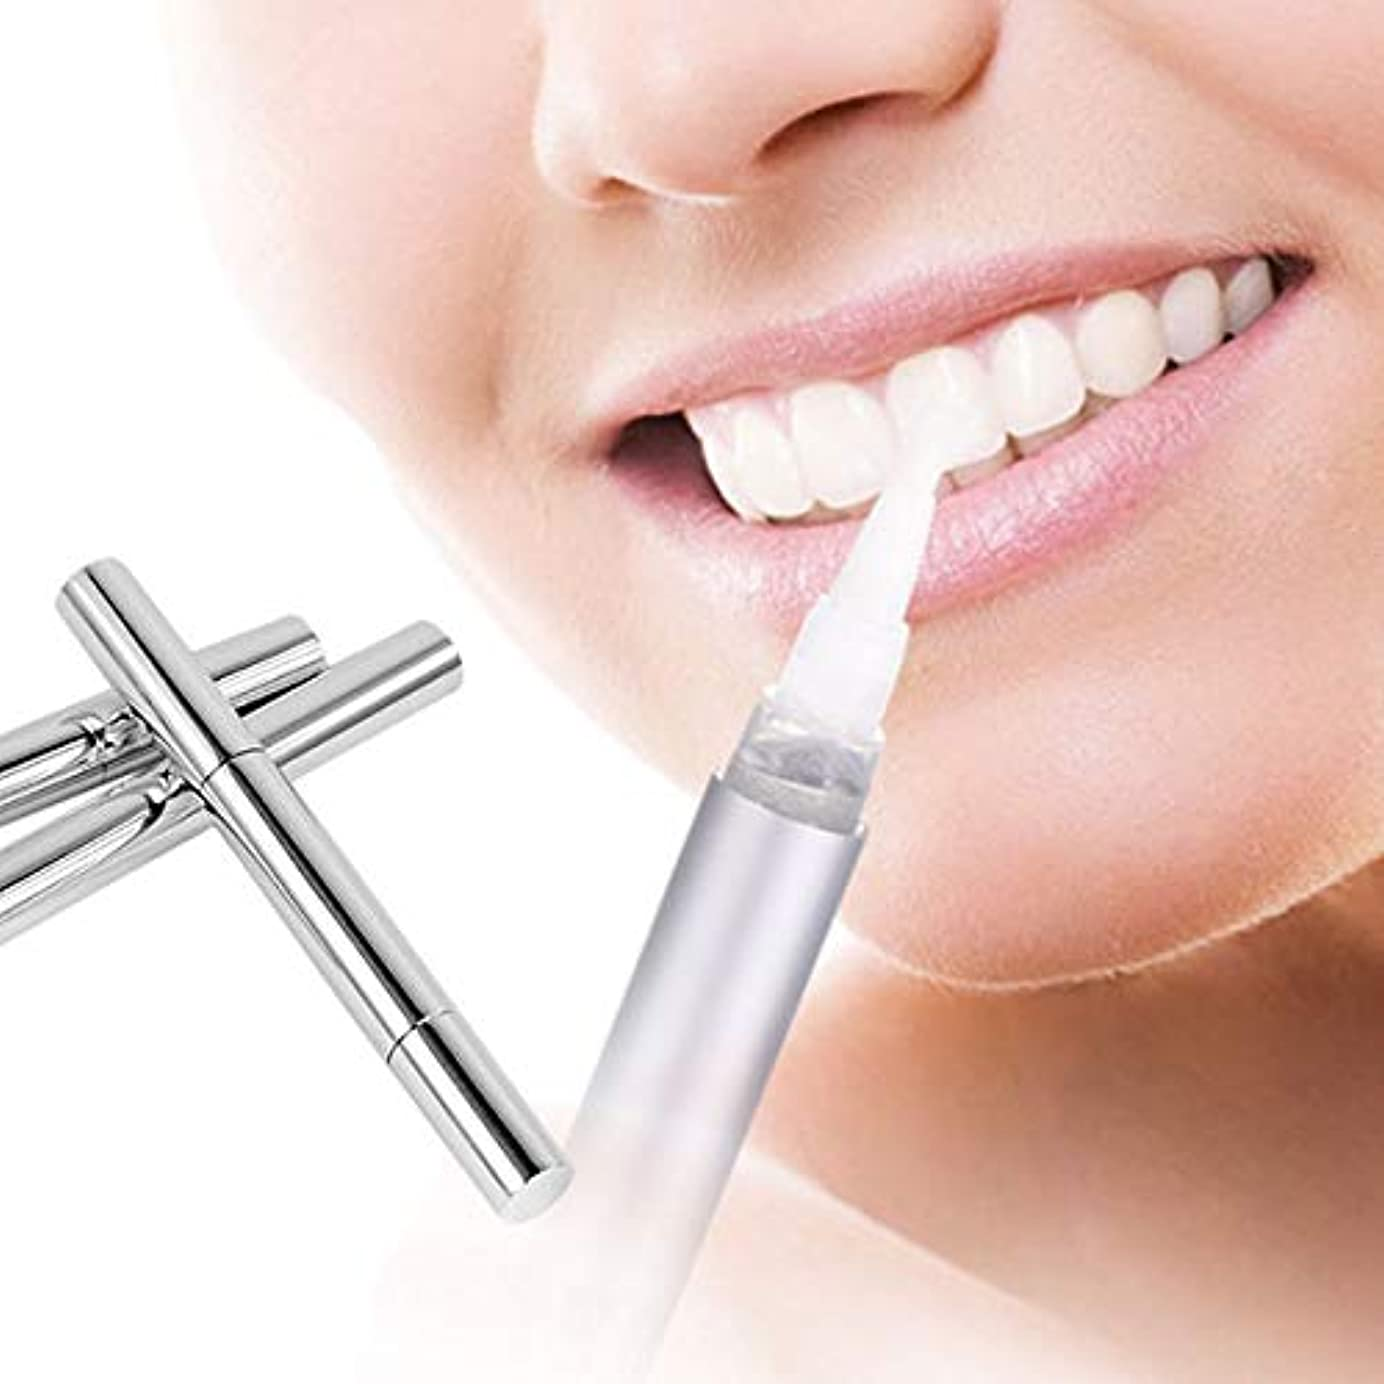 石びん遺伝的美白歯ゲル 歯 ホワイトニングペン 美白ゲルマウスウォッシュ ステイン消し携帯便利 口腔洗浄ツール 輝く笑顔 口臭防止 歯周病防止